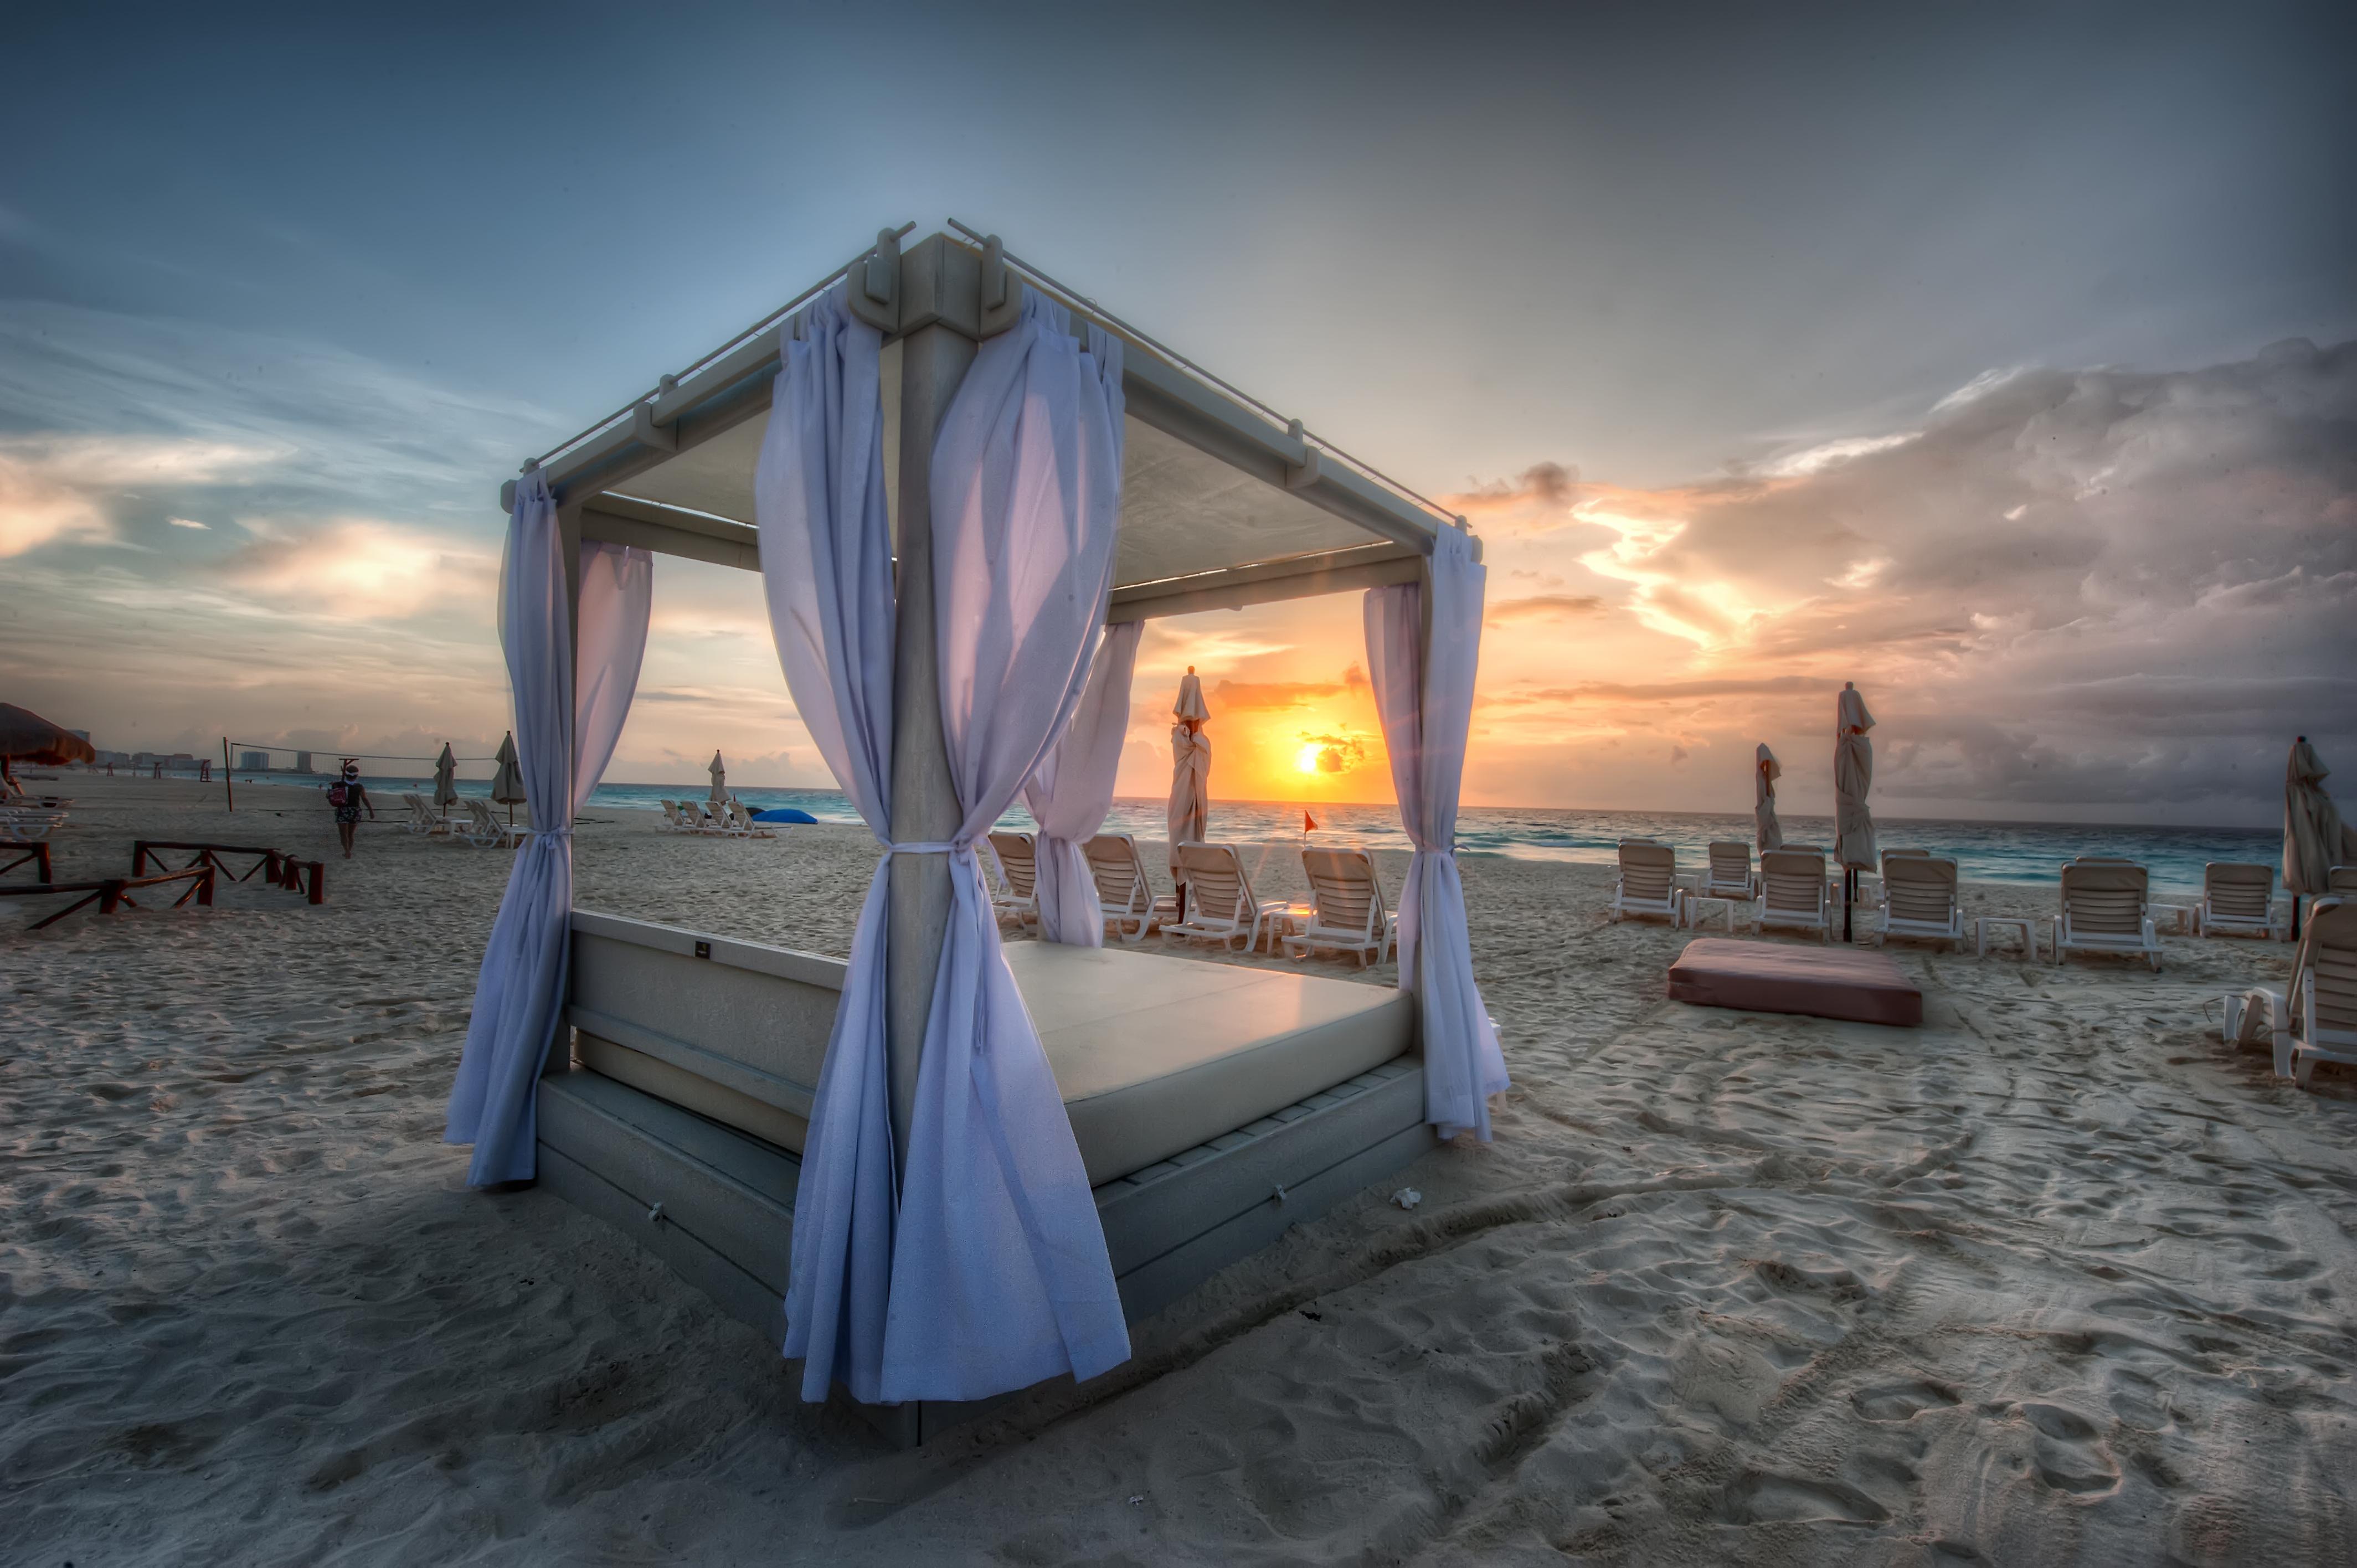 антикварные кровать на берегу моря фото более устойчив заморозкам